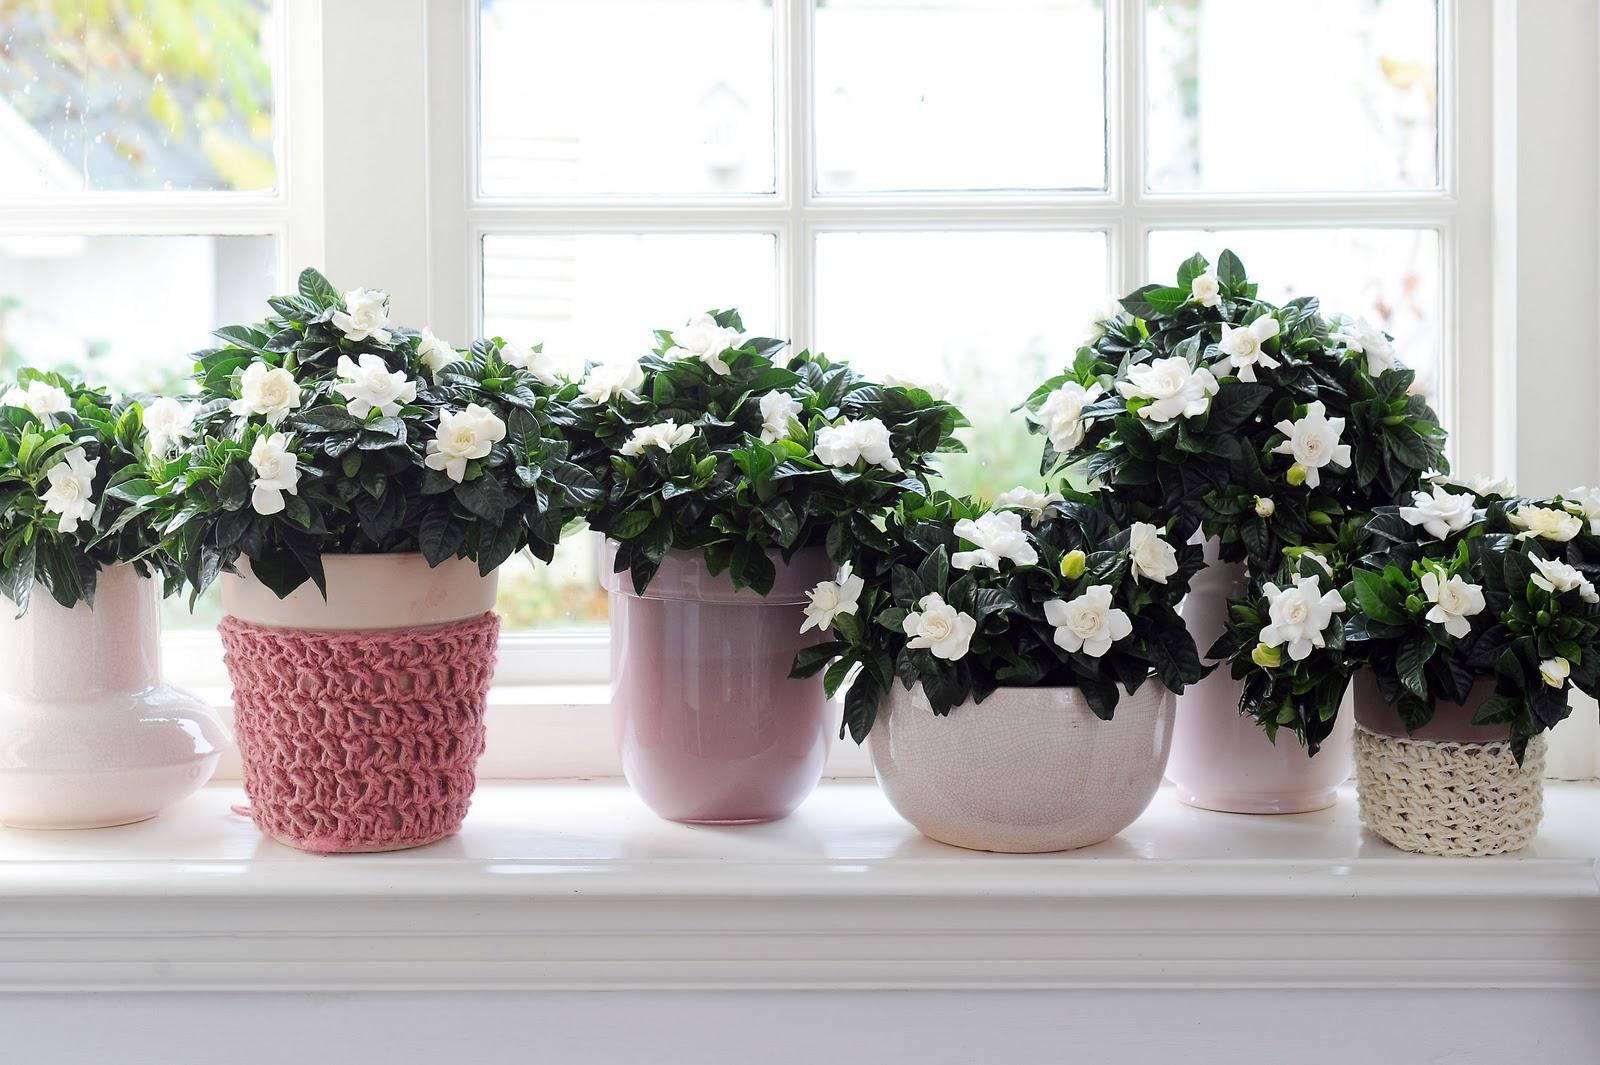 Какие комнатные растения могут принести неприятности и почему их нельзя держать дома?